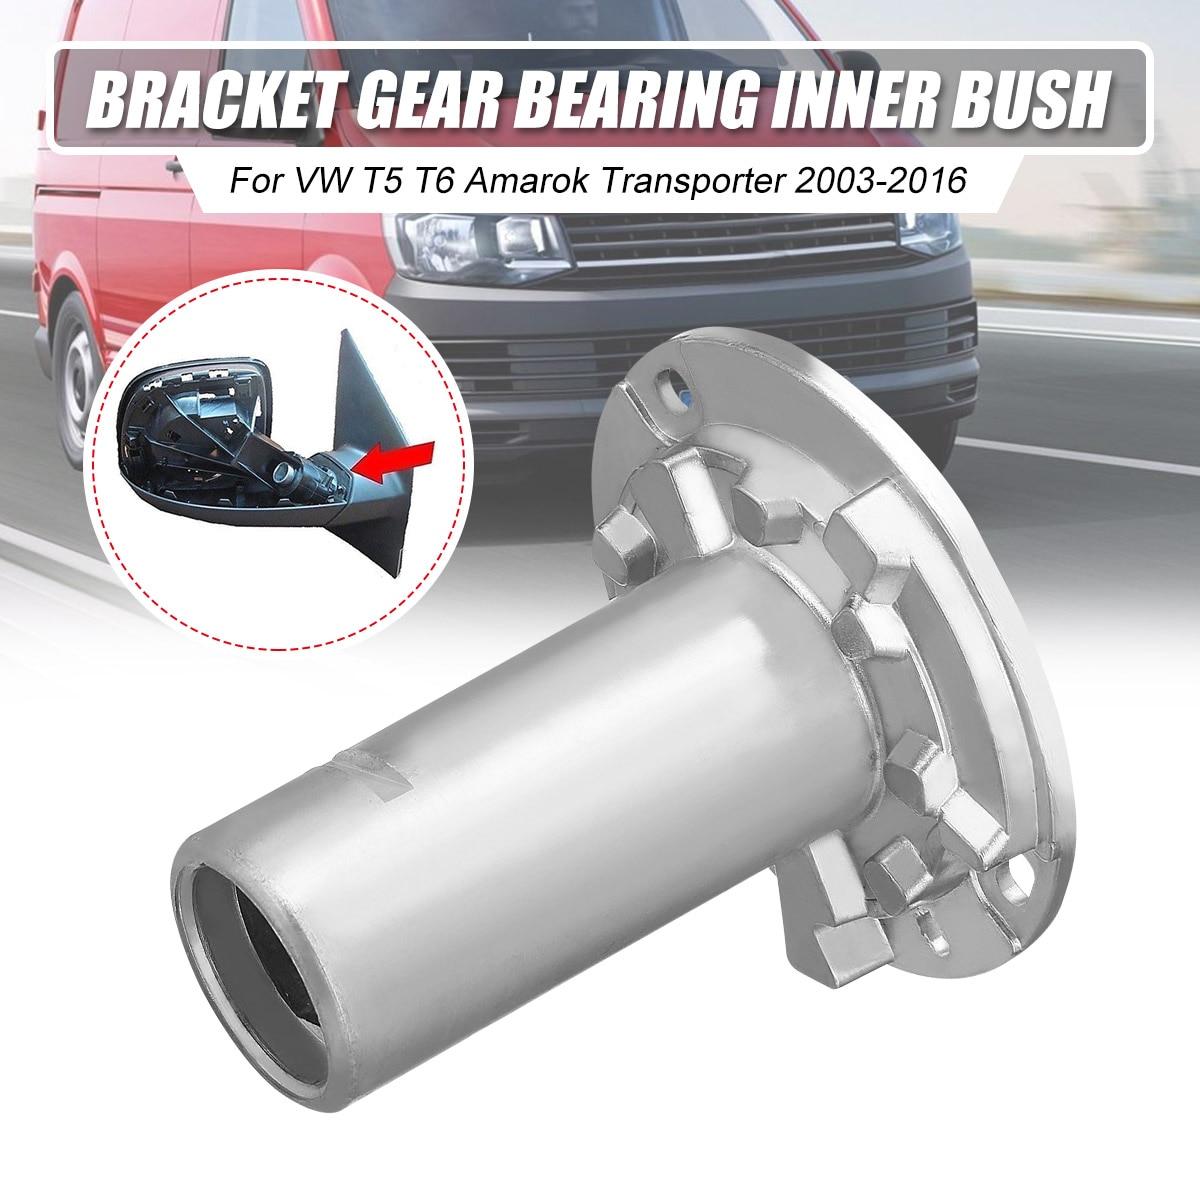 โลหะ L/R รถ Wing กระจกมองหลัง Bracket แบริ่งเกียร์ภายใน Bush Fit สำหรับ VW T5 T6 Amarok Transporter 2003-2016